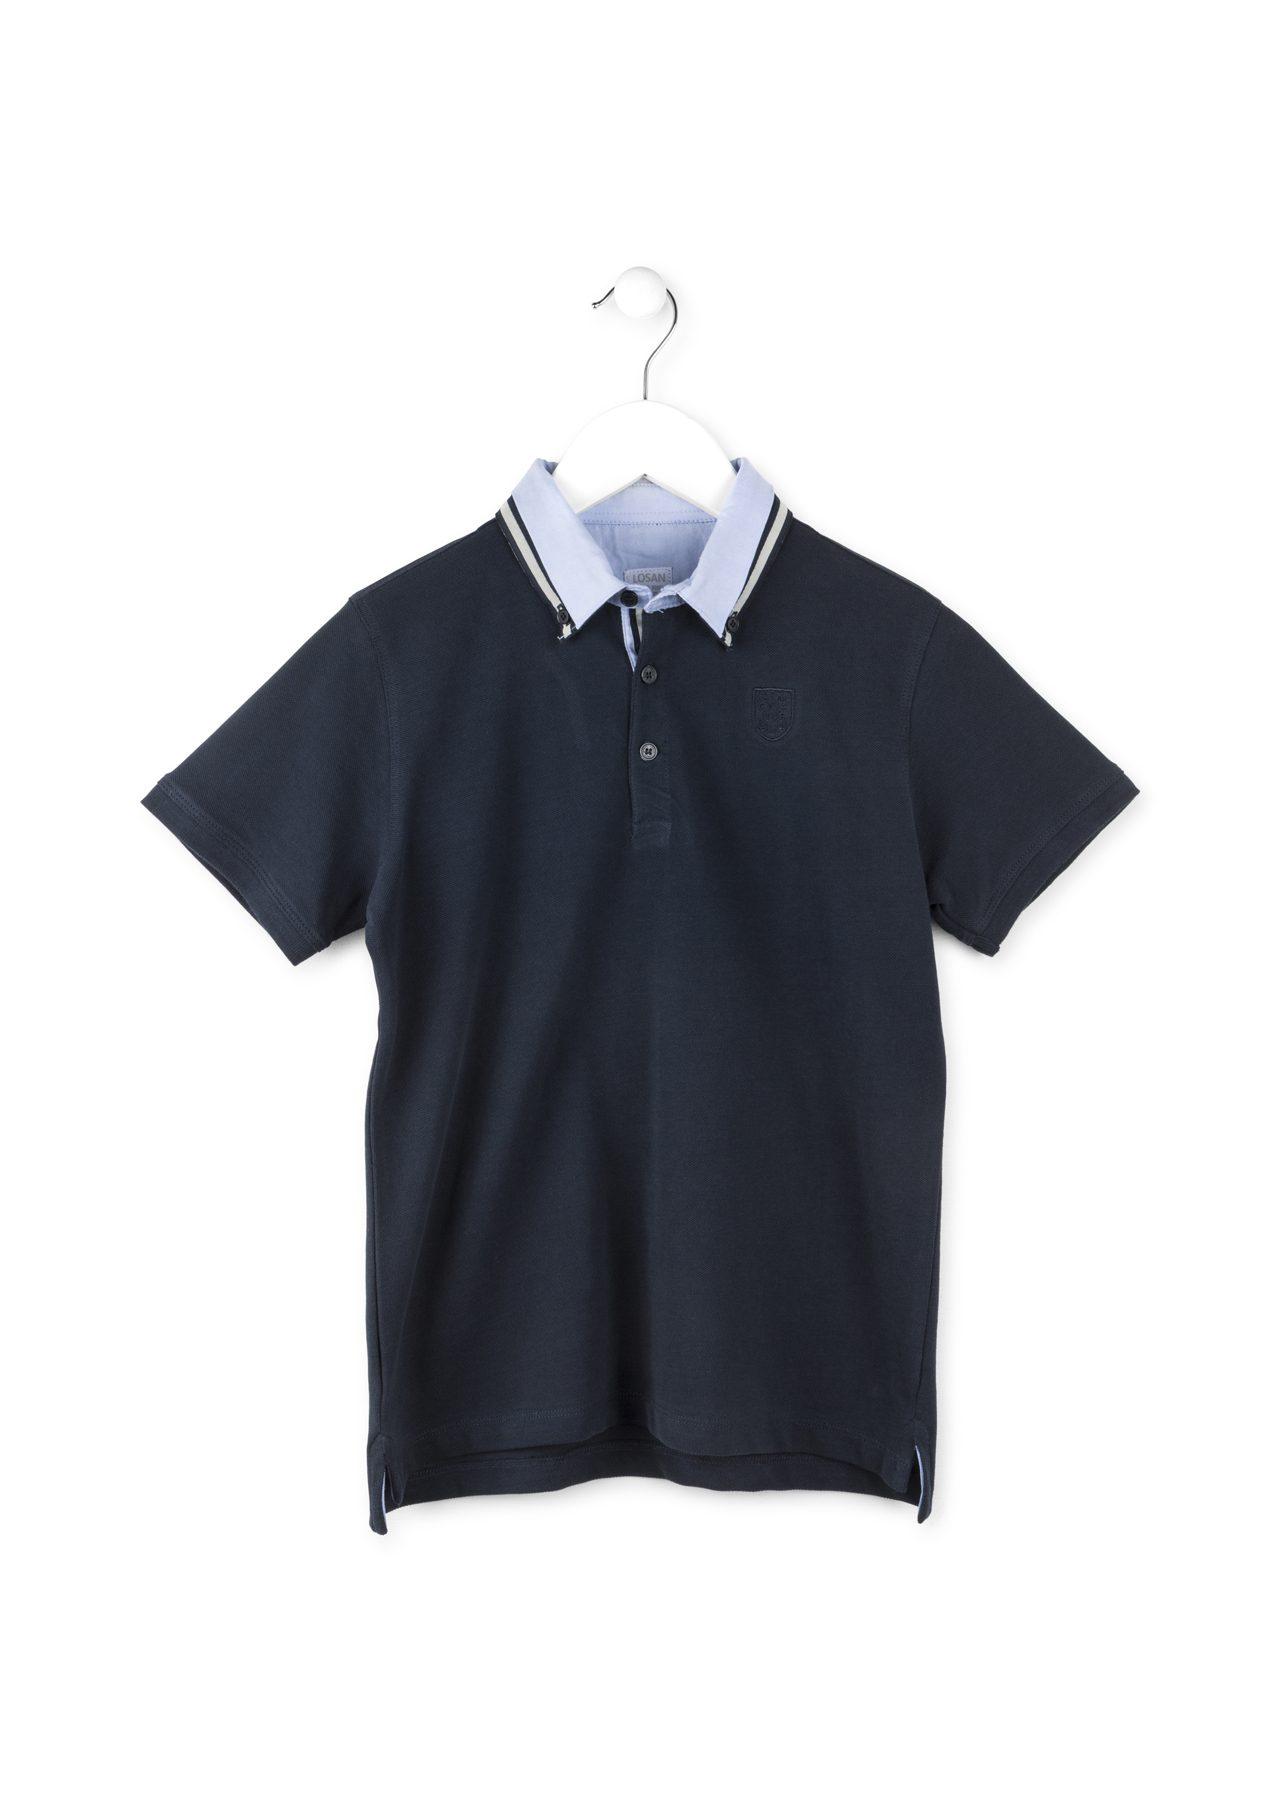 Μπλούζα πόλο με λεπτομέρια στον γιακά LOSAN  fc159be8d65